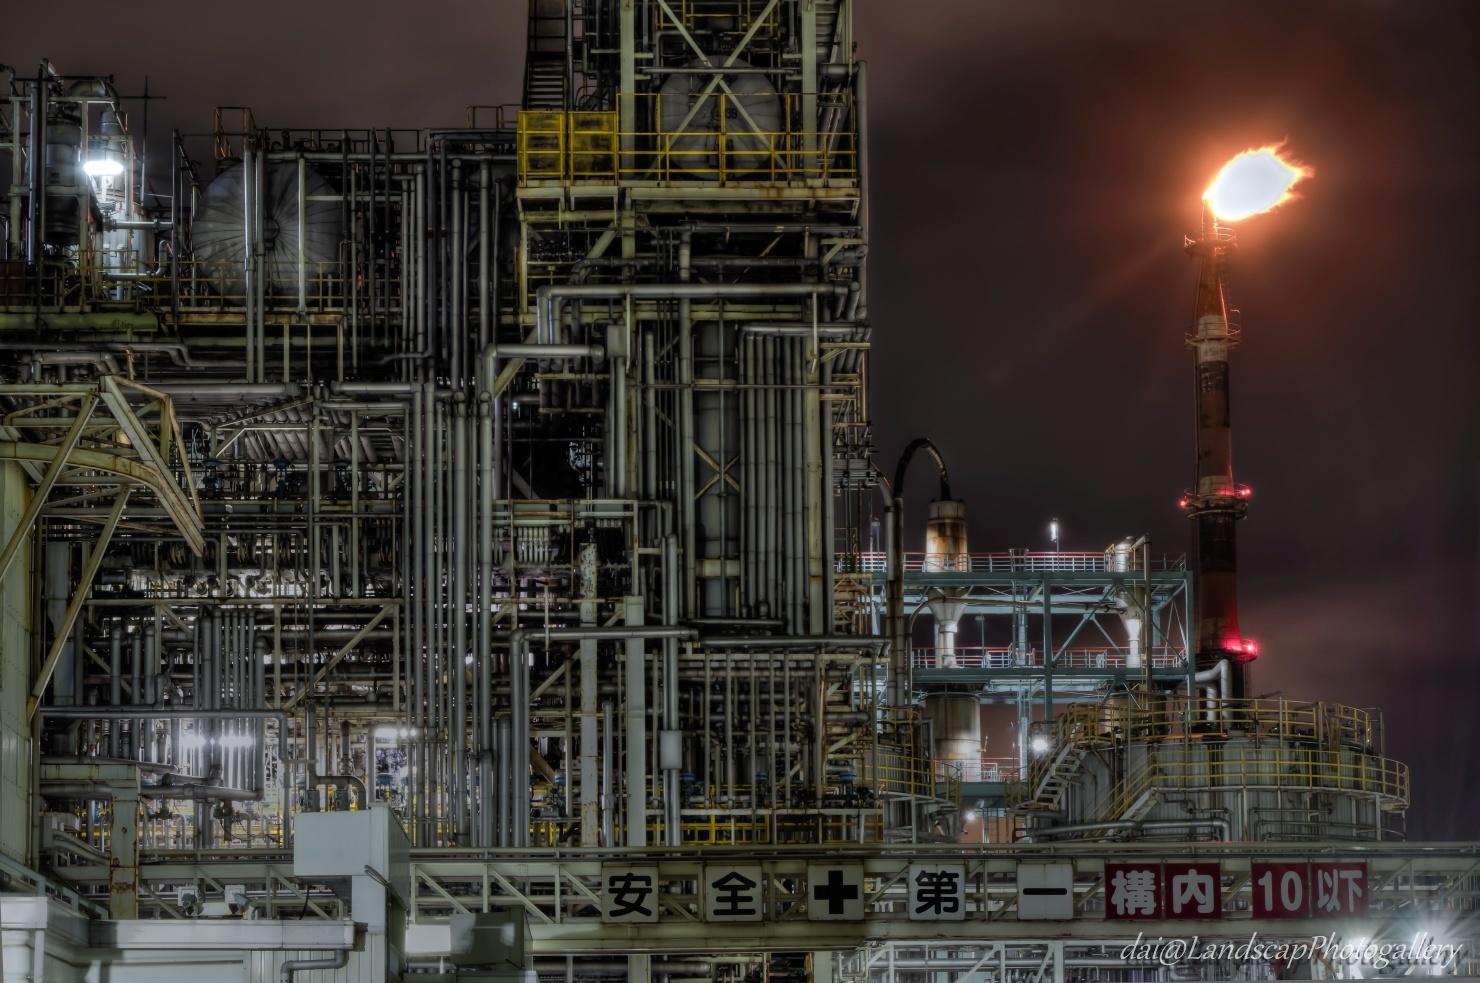 京浜工業地帯工場夜景【HDRi】